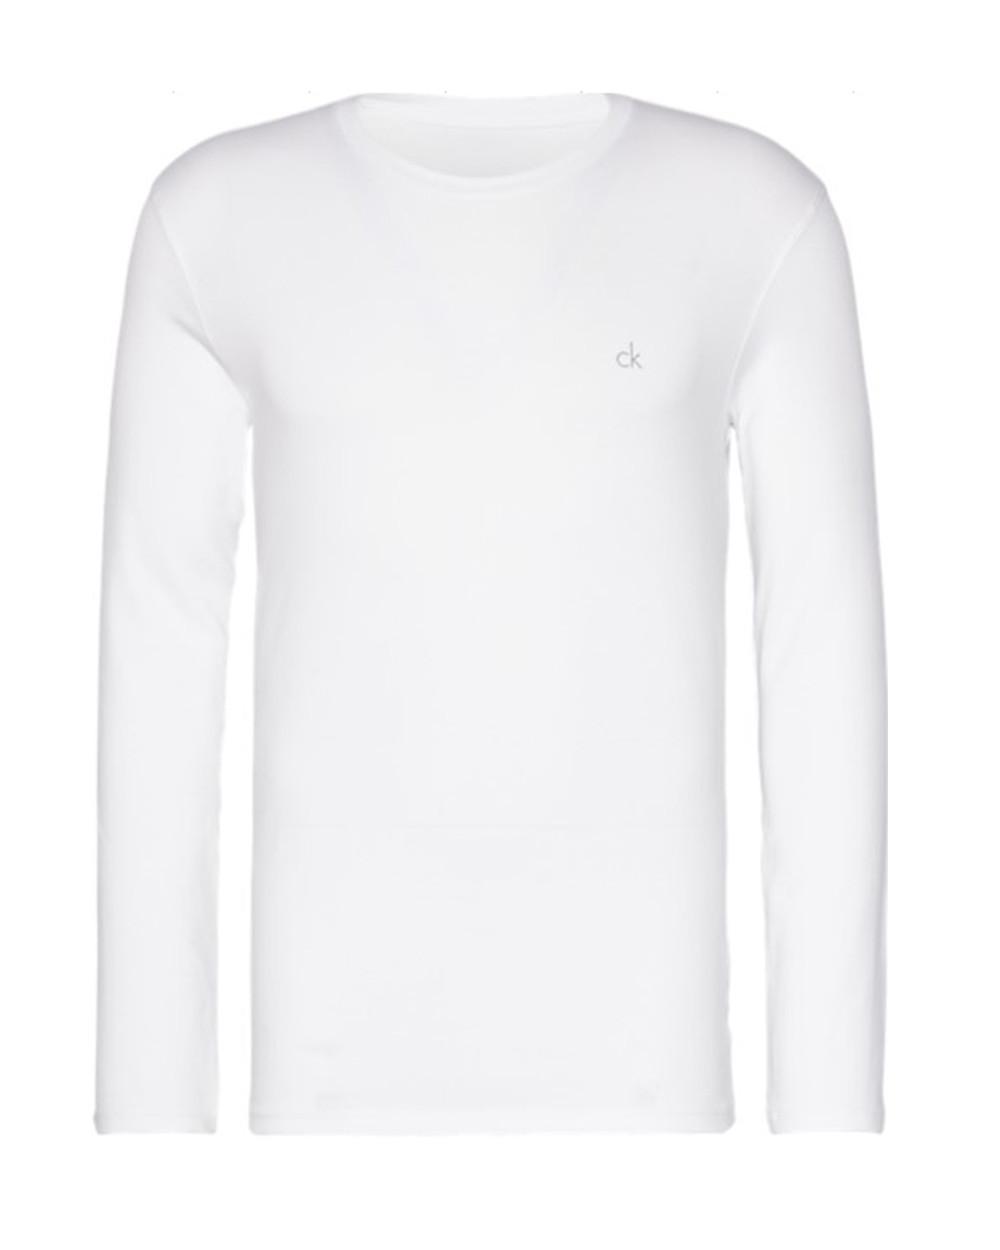 Pánské tričko Calvin Klein logo sleeve crew neck bílé d6f4b76480